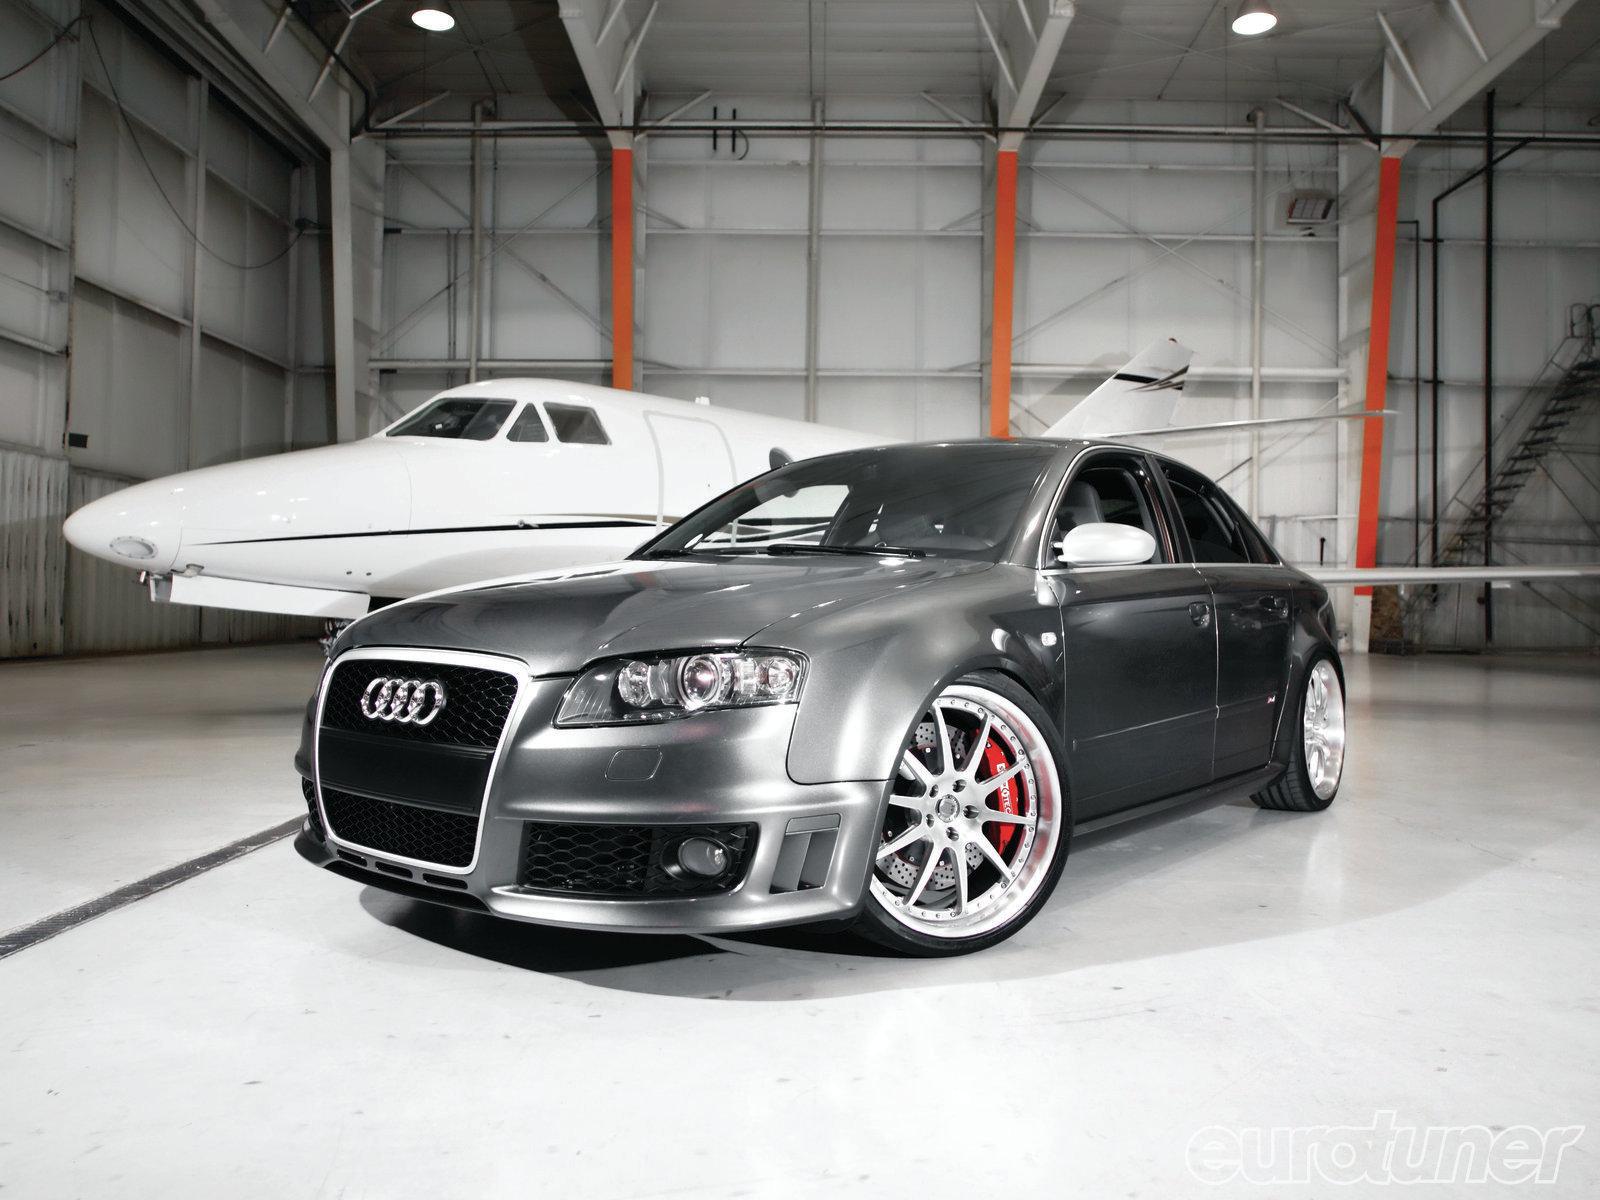 Kelebihan Kekurangan Audi Rs4 2007 Tangguh